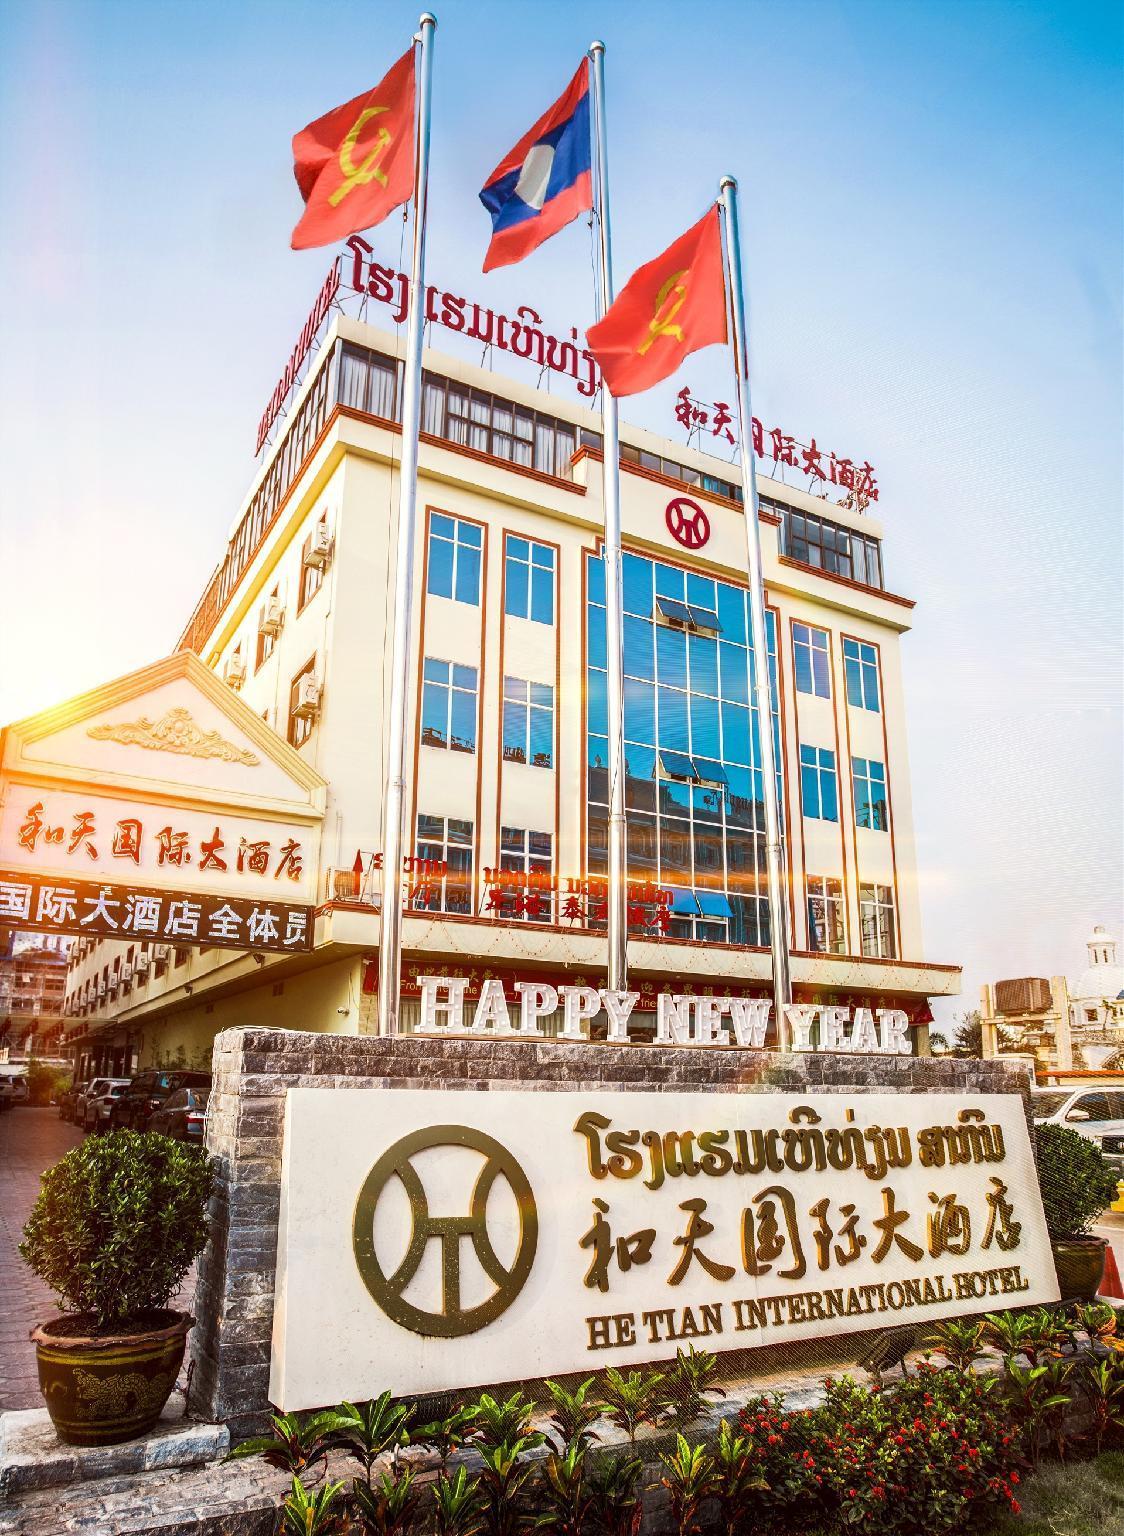 He Tian Hotel Vientiane